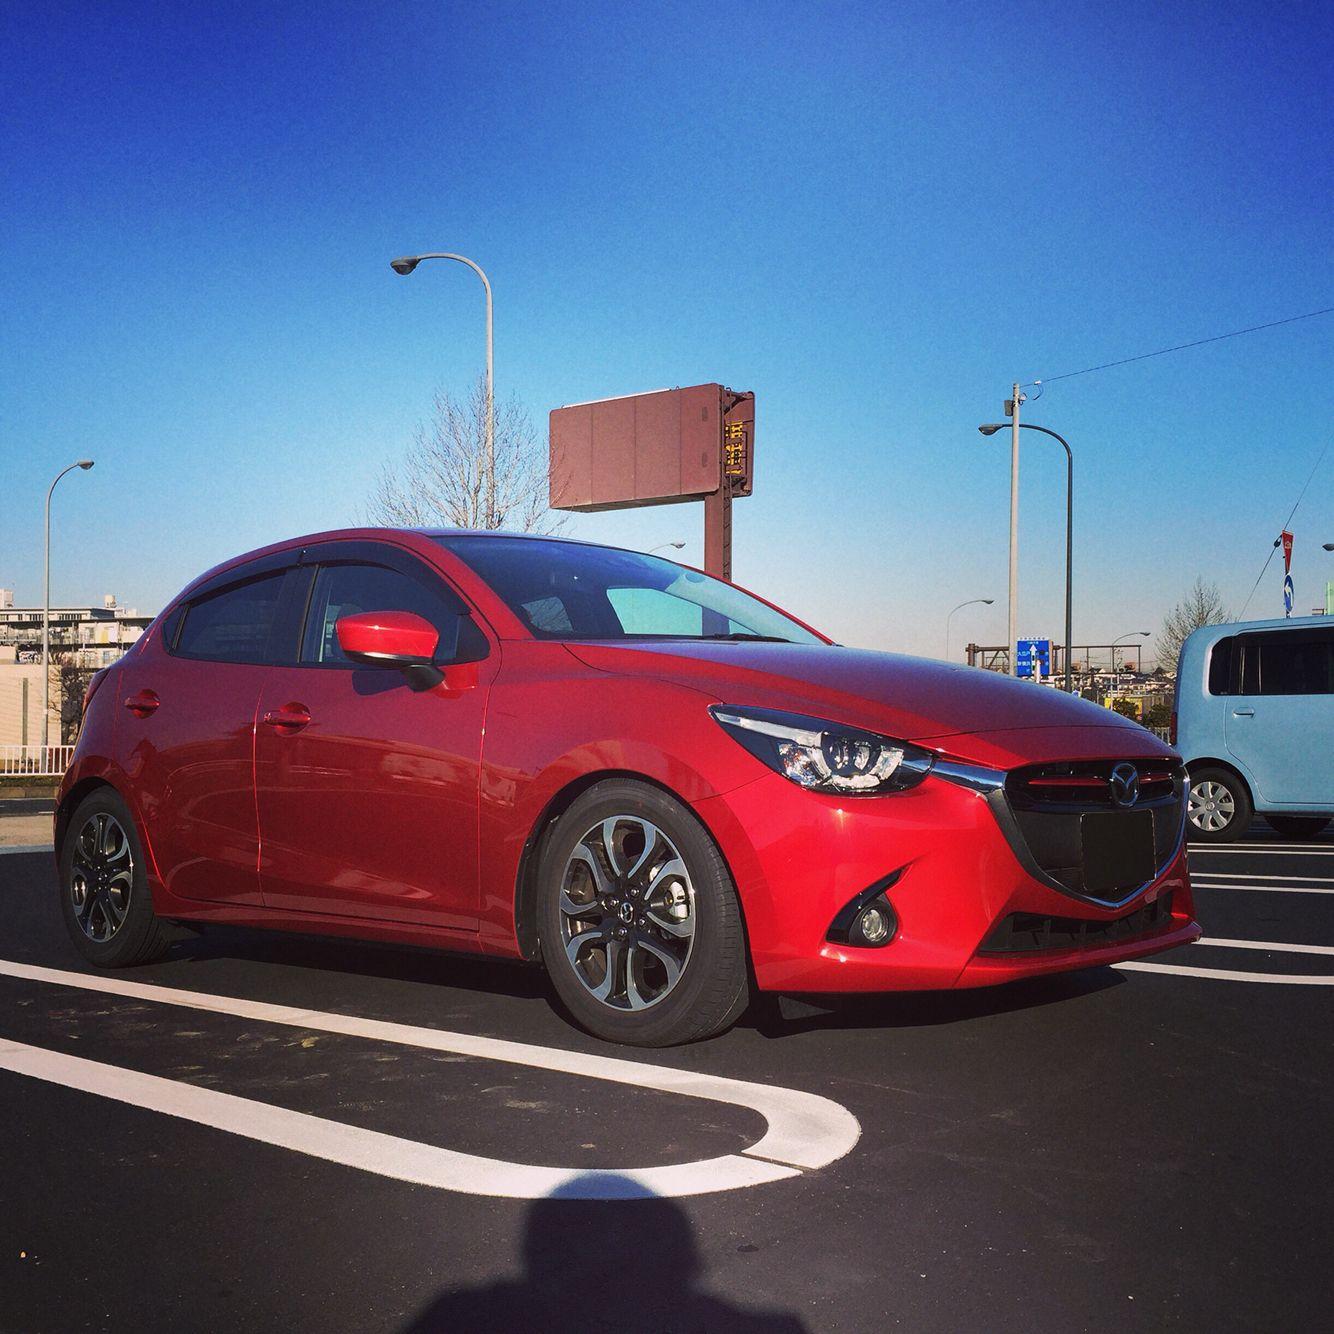 Mazda Demio Diesel Turbo Coilover Installed